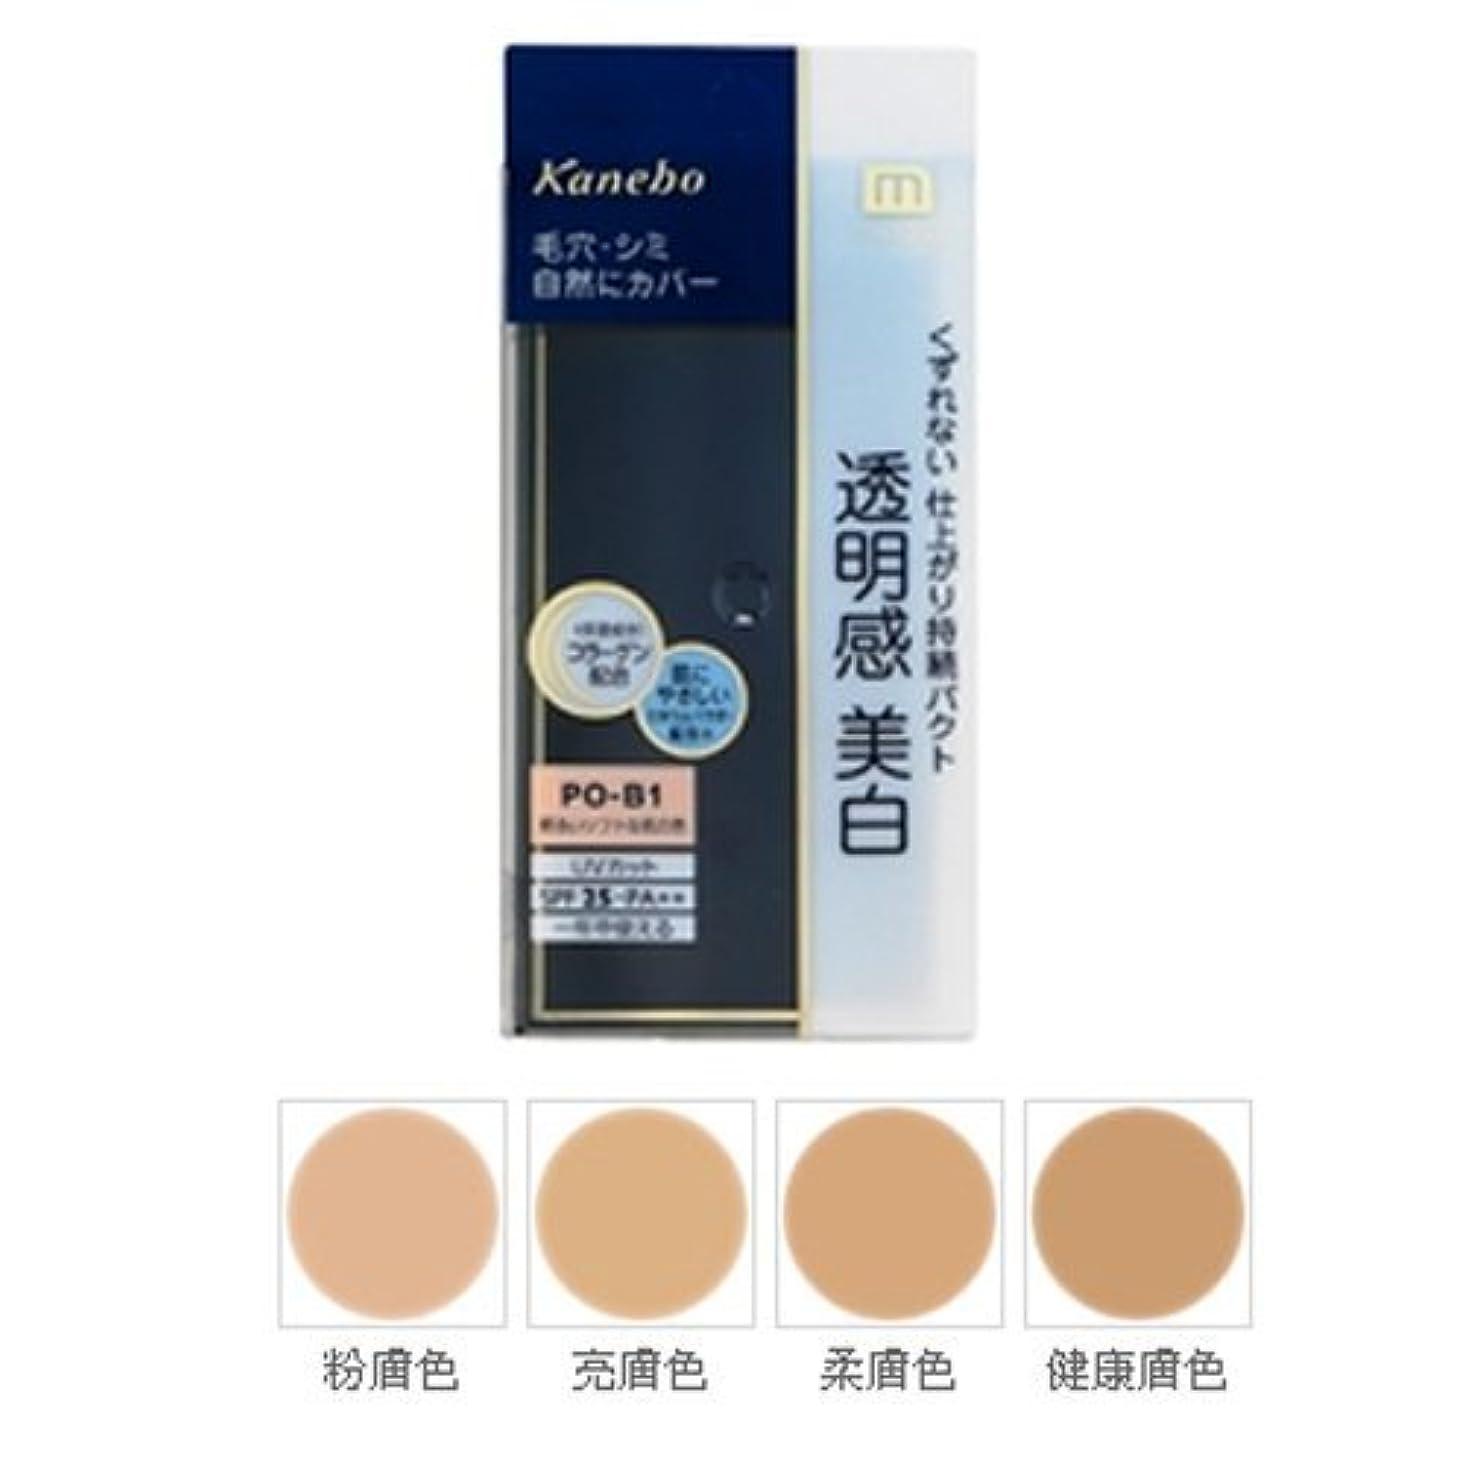 ハイライト顔料悪性のカネボウ メディア(media)ホワイトニングパクトA III カラー:OC-E1